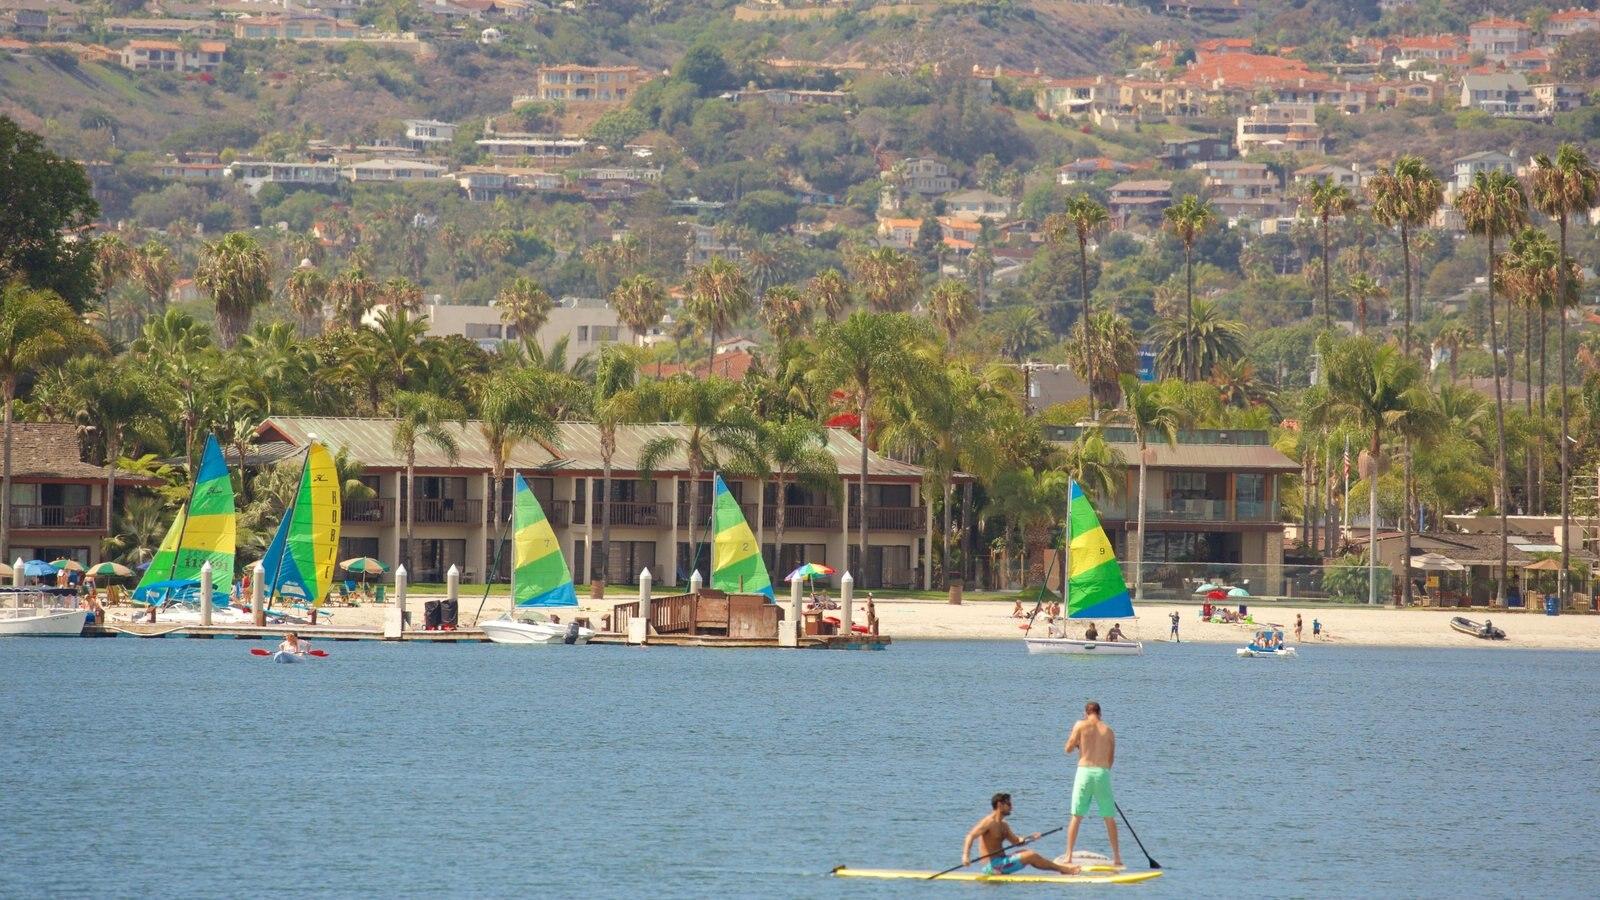 Mission Bay mostrando paisagens litorâneas e esportes aquáticos